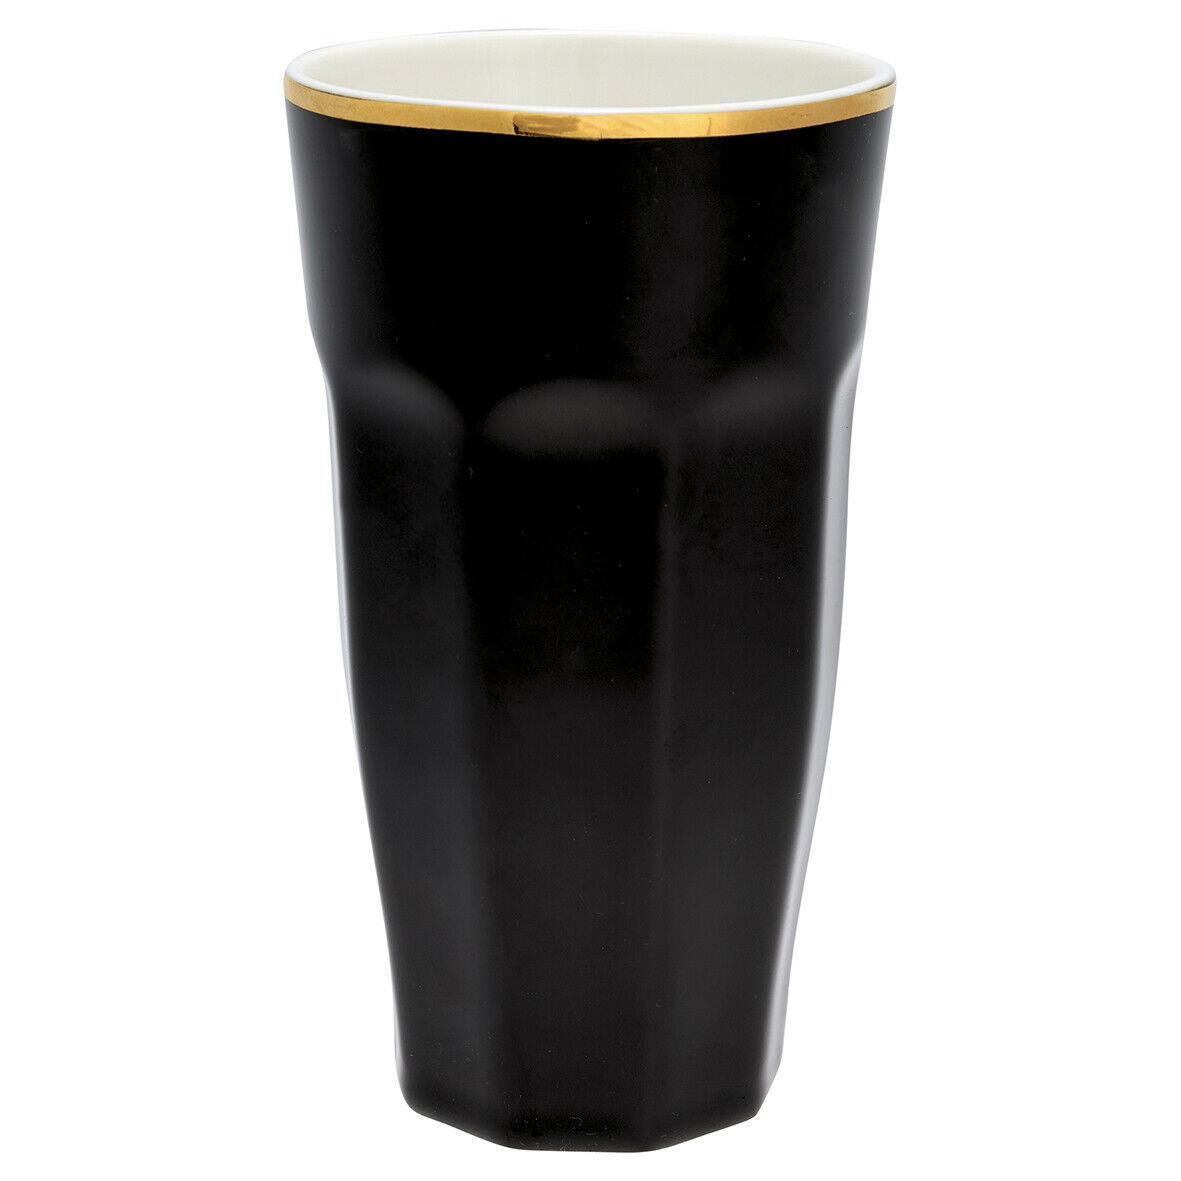 Greengate French Latte Becher Schwarz Gold Porzellan Goldrand Geschirr 400 Ml Kaffeetassen Becher Mobel Wohnen Dentalmed Rs